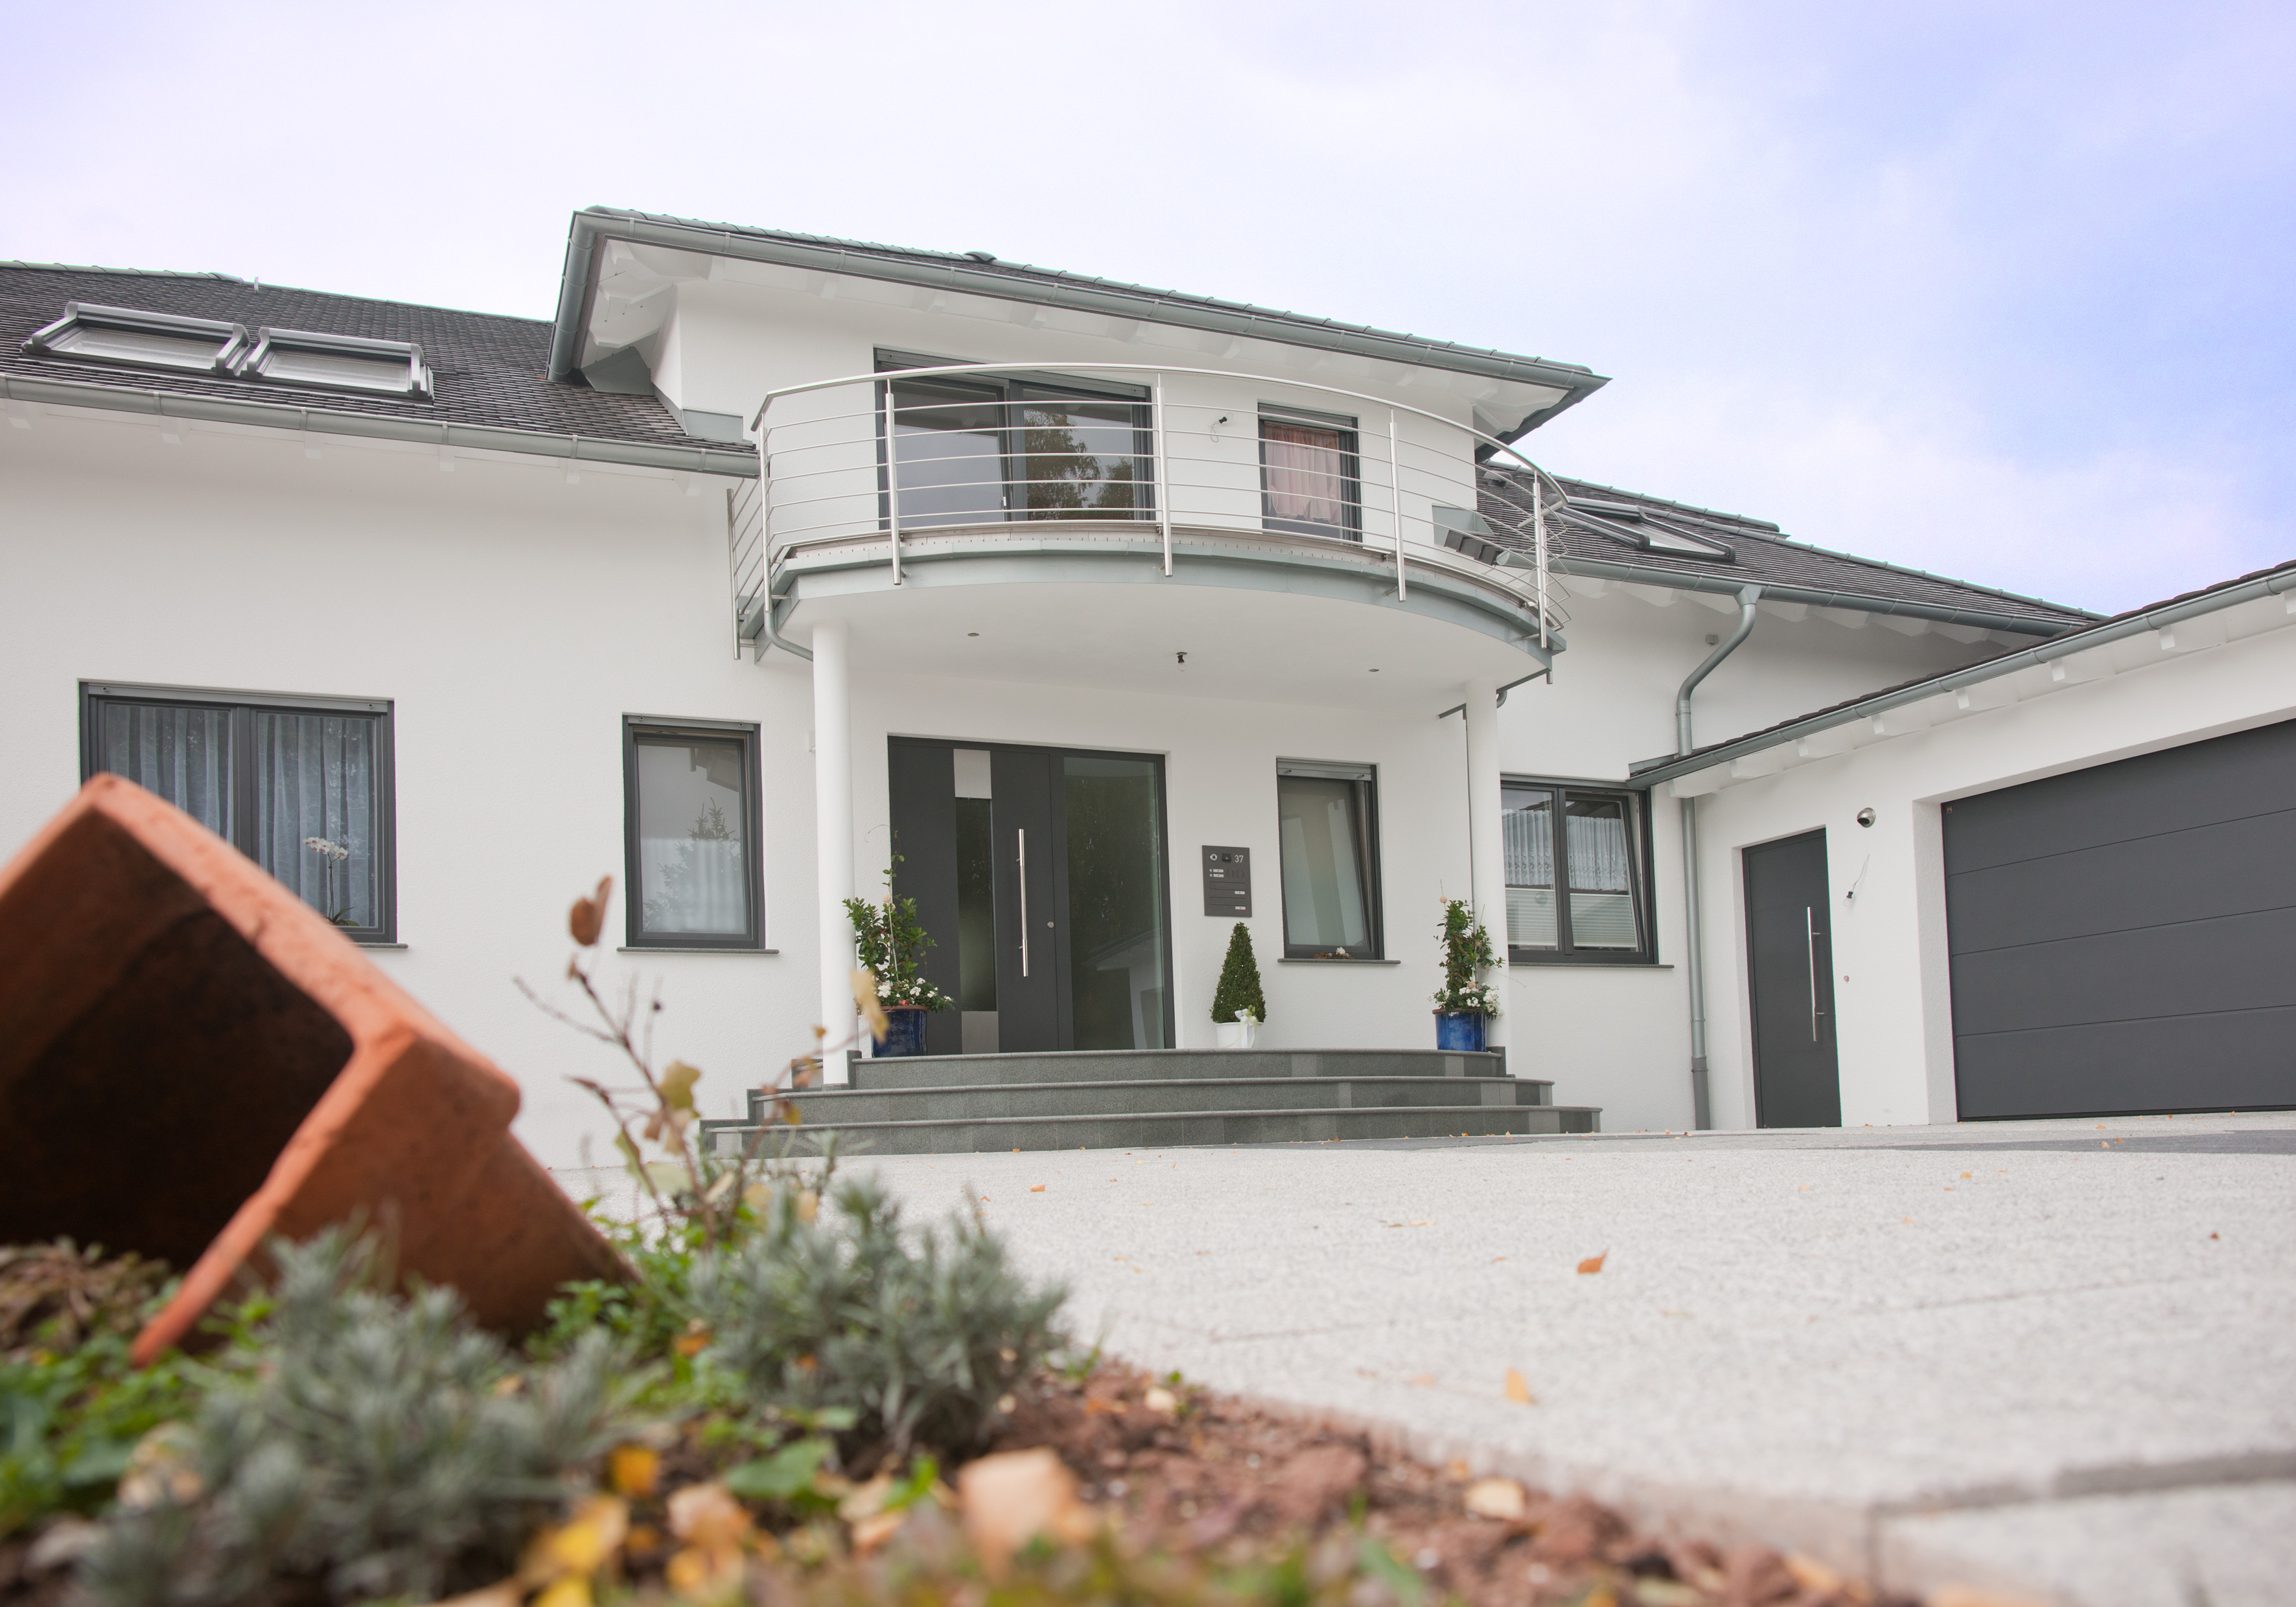 Exklusives landhaus mit mz7 for Haus landhausstil modern